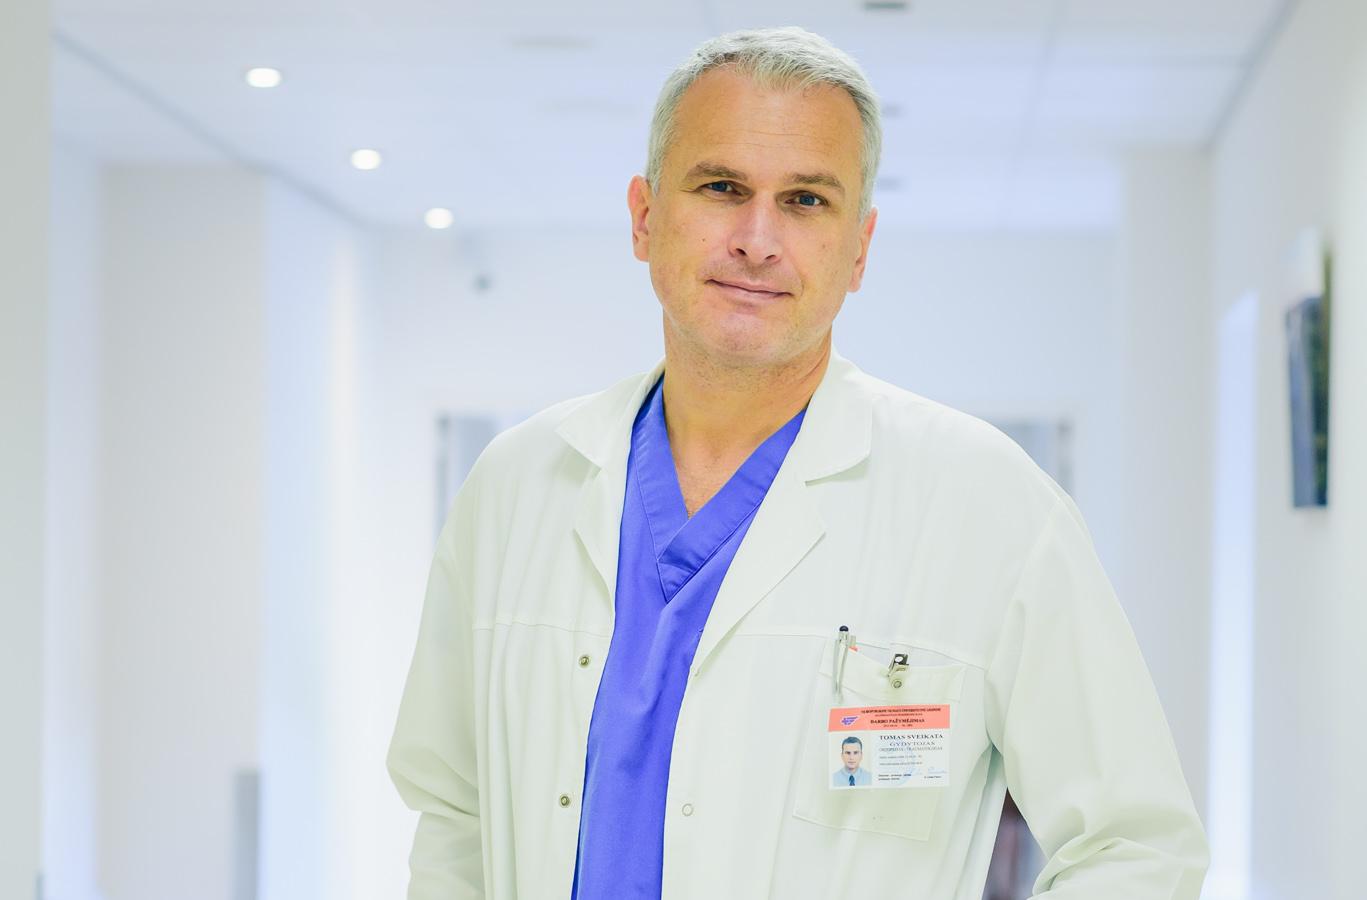 Gydytojas T. Sveikata palygino, kaip sąnarių ligos buvo gydomos anksčiau ir dabar – rezultatai džiugina